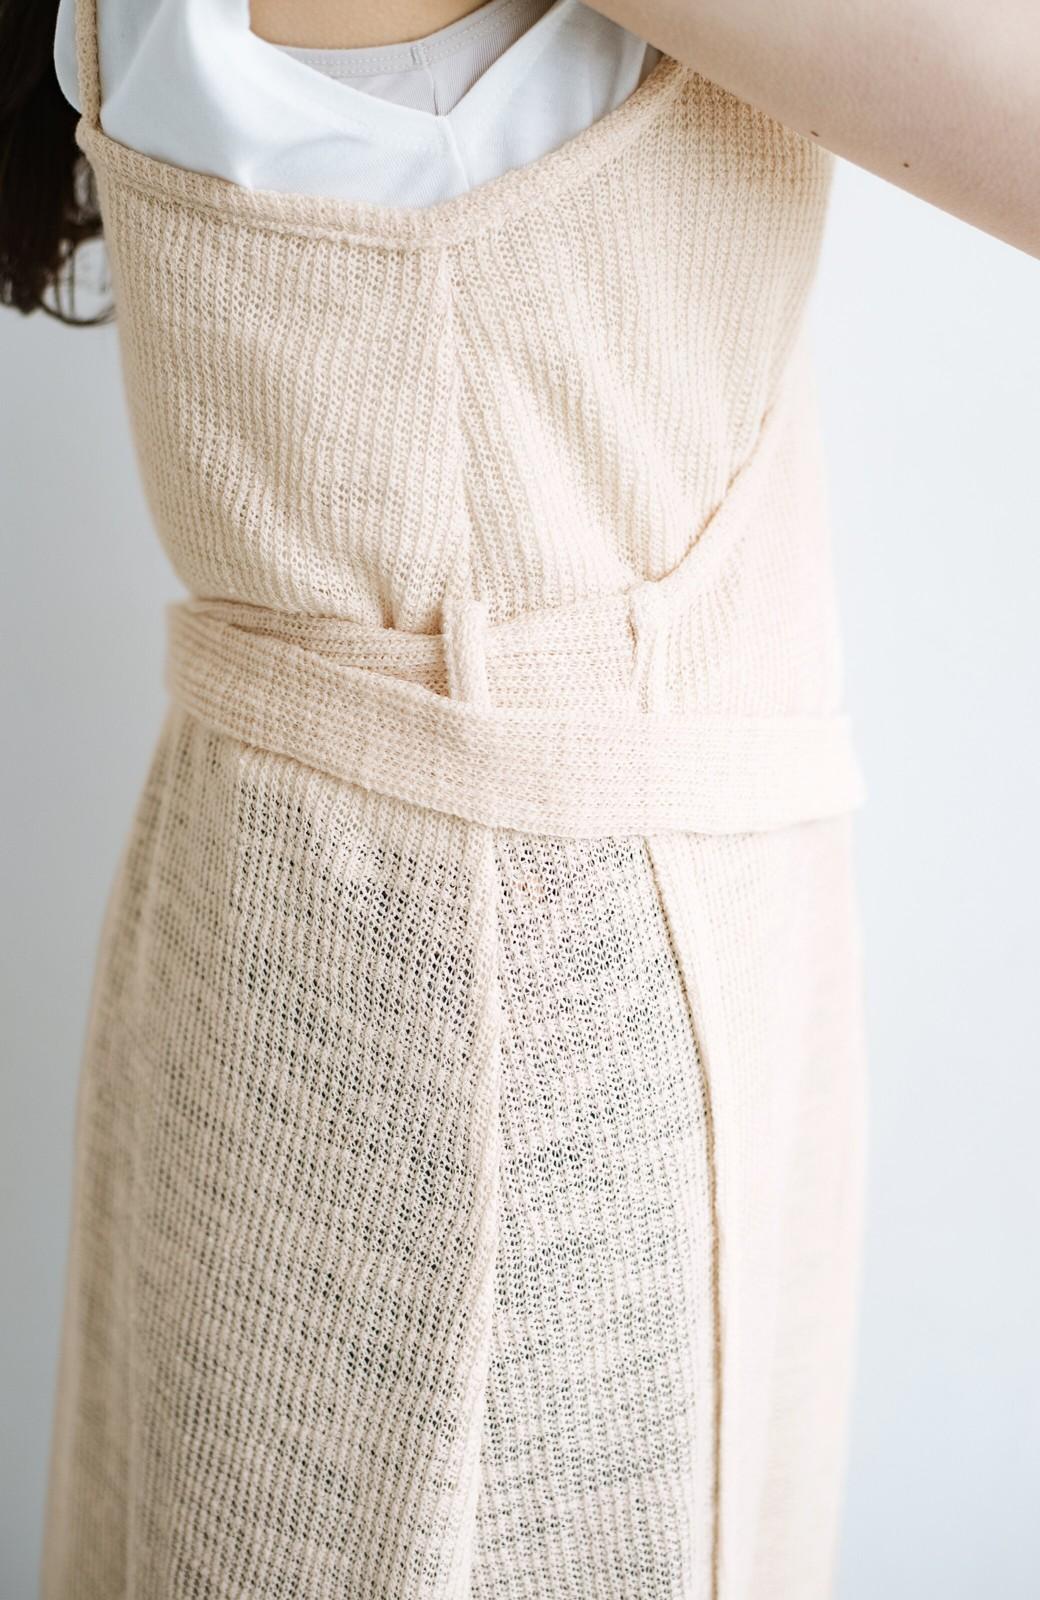 haco! 合わせて着るだけで今っぽかわいい シンプルTシャツ&カシュクールキャミワンピースセット <ライトベージュ>の商品写真6